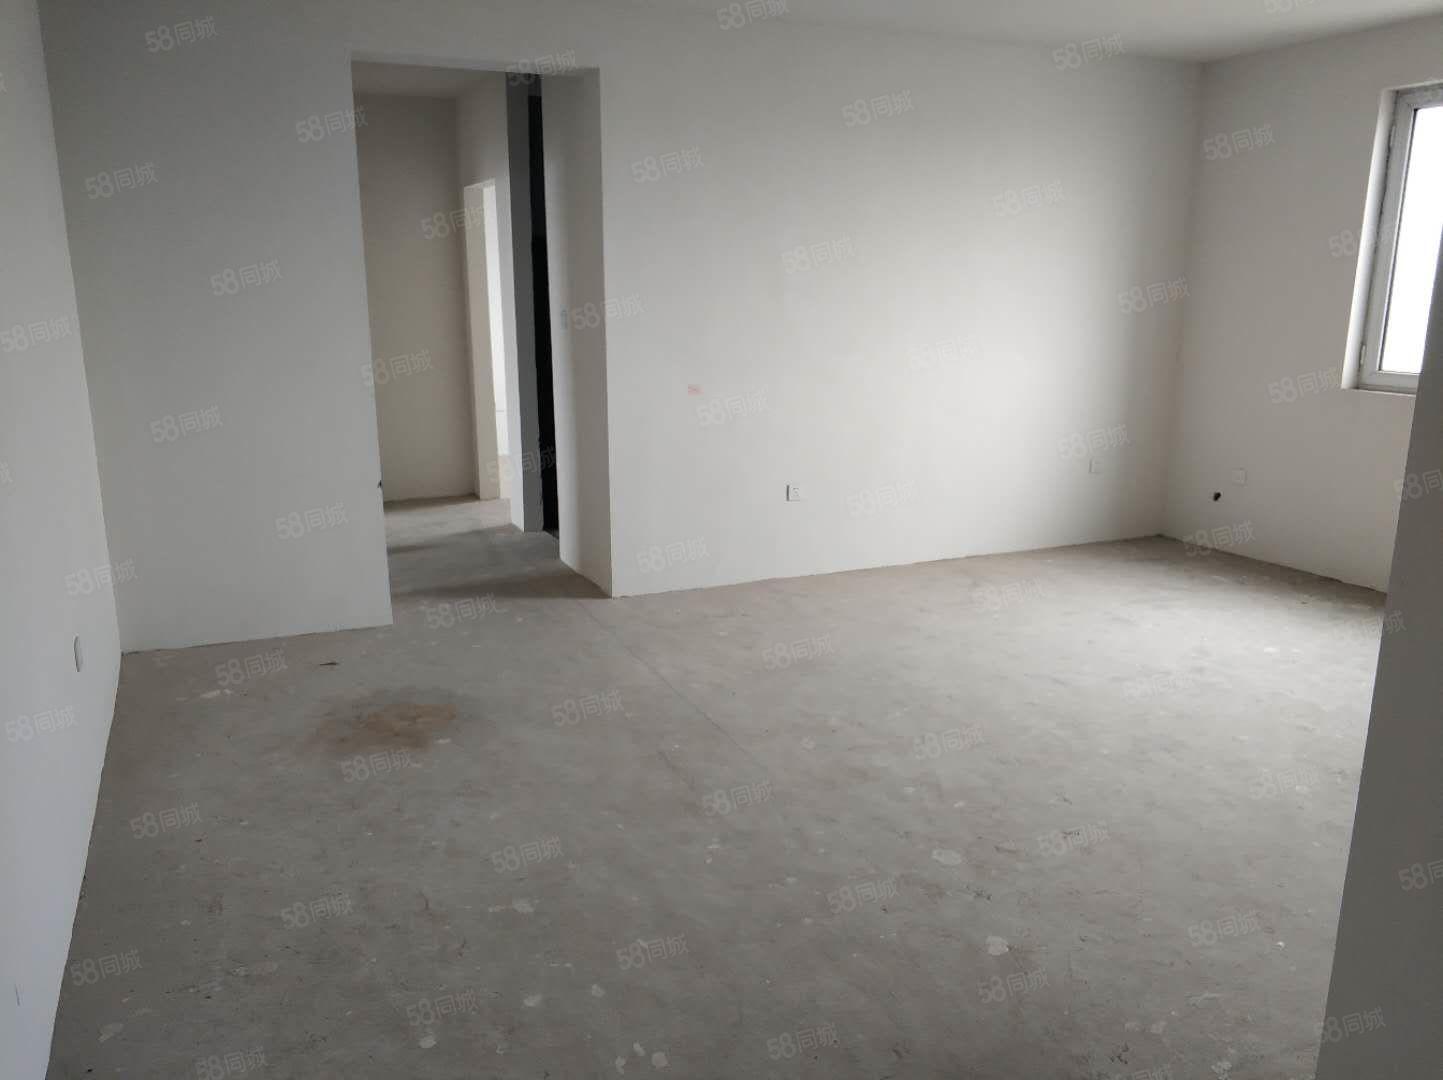 清华园127平毛坯新房带车位包含上房费付50万,下证付尾款